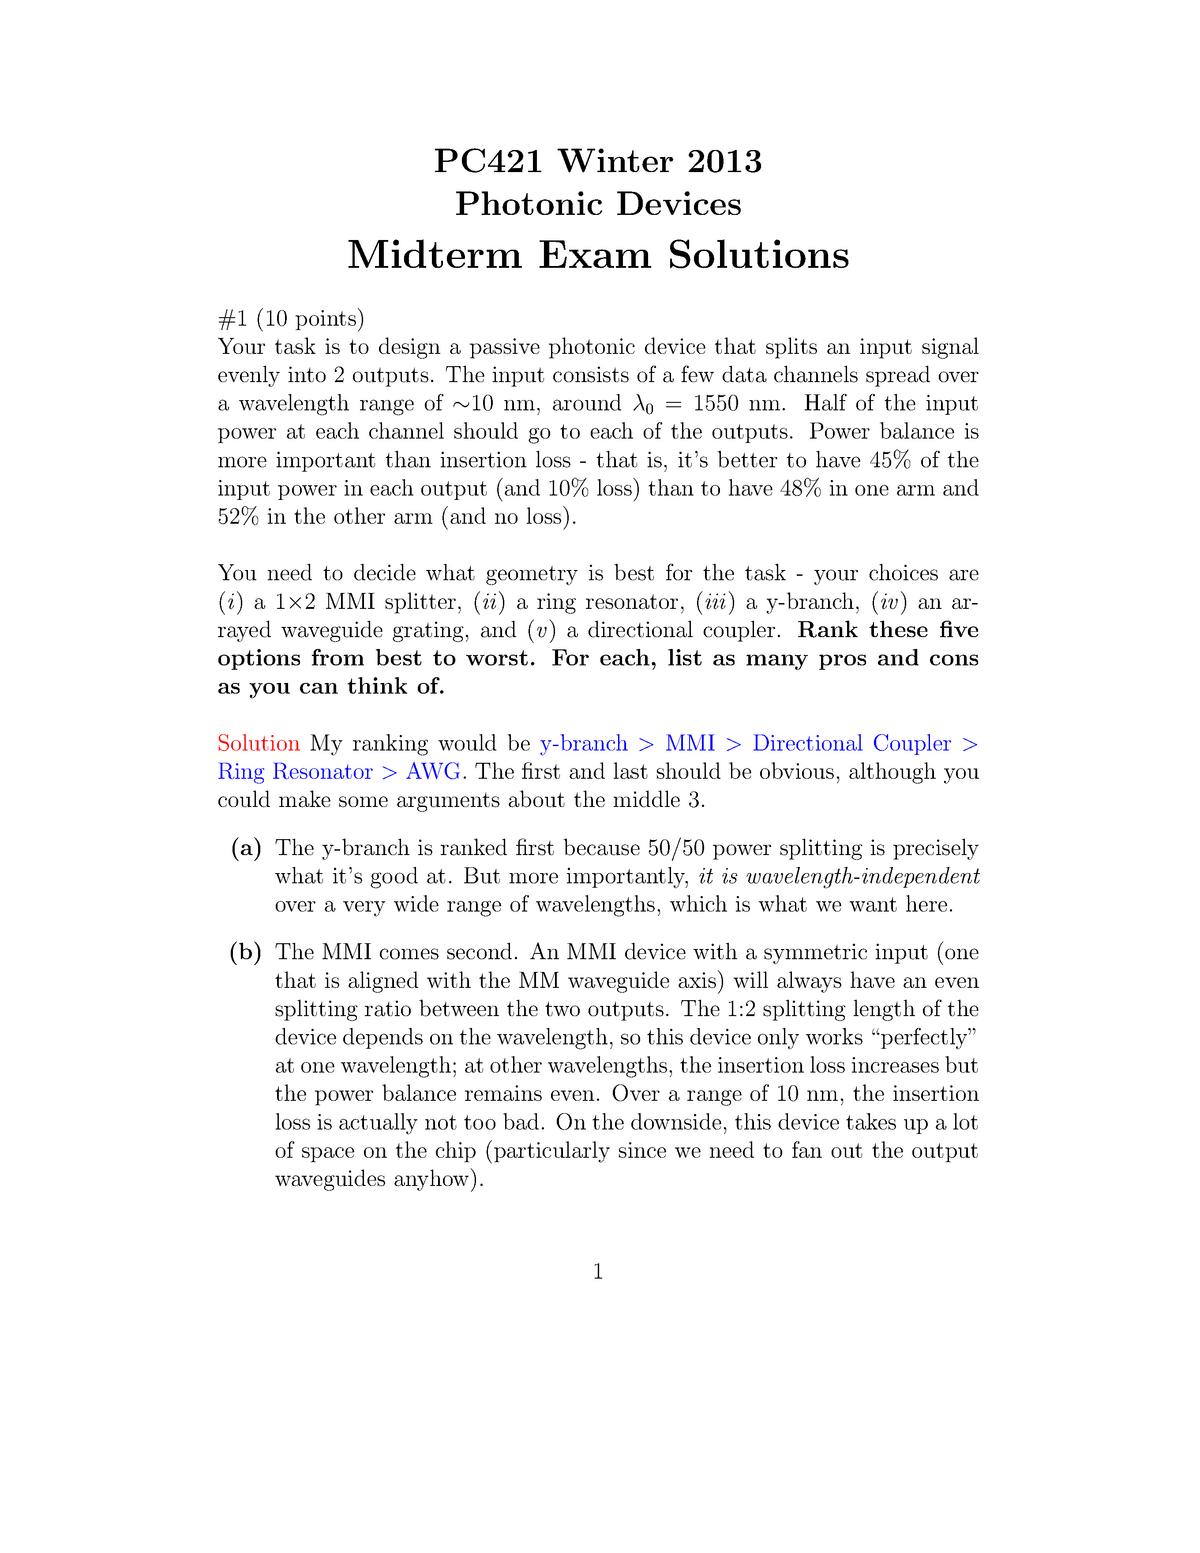 Exam 2013 - PC 421: Photonic Devices - StuDocu